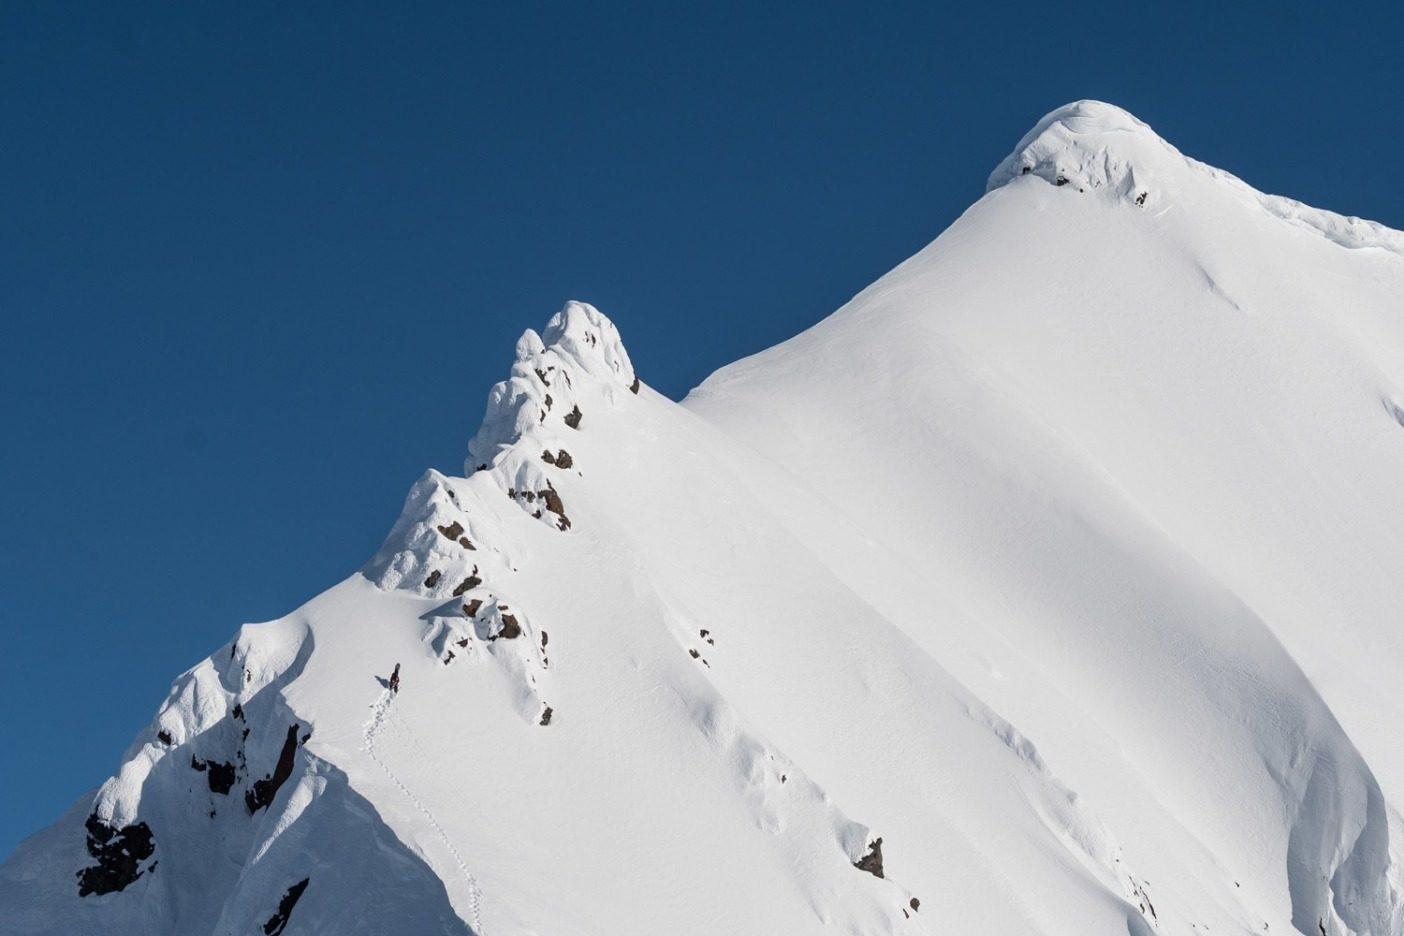 ブリティッシュコロンビア北西部、難しい登りの中で核心に向かってアプローチするライランド・ベル。積雪状態を確かめ、自信を持ってこの挑戦をするのに、数日間のライドと数時間の登山が必要だった。この日、ライランドと兄のタイガ、親友のチャールズ・ピープは、この頂の下にある尾根から数本のライドをした。その後、ライランドは頂上に向かって雪山をブートパックし、空が再び雲で閉ざされる直前にドロップインした。写真:Colin Wiseman